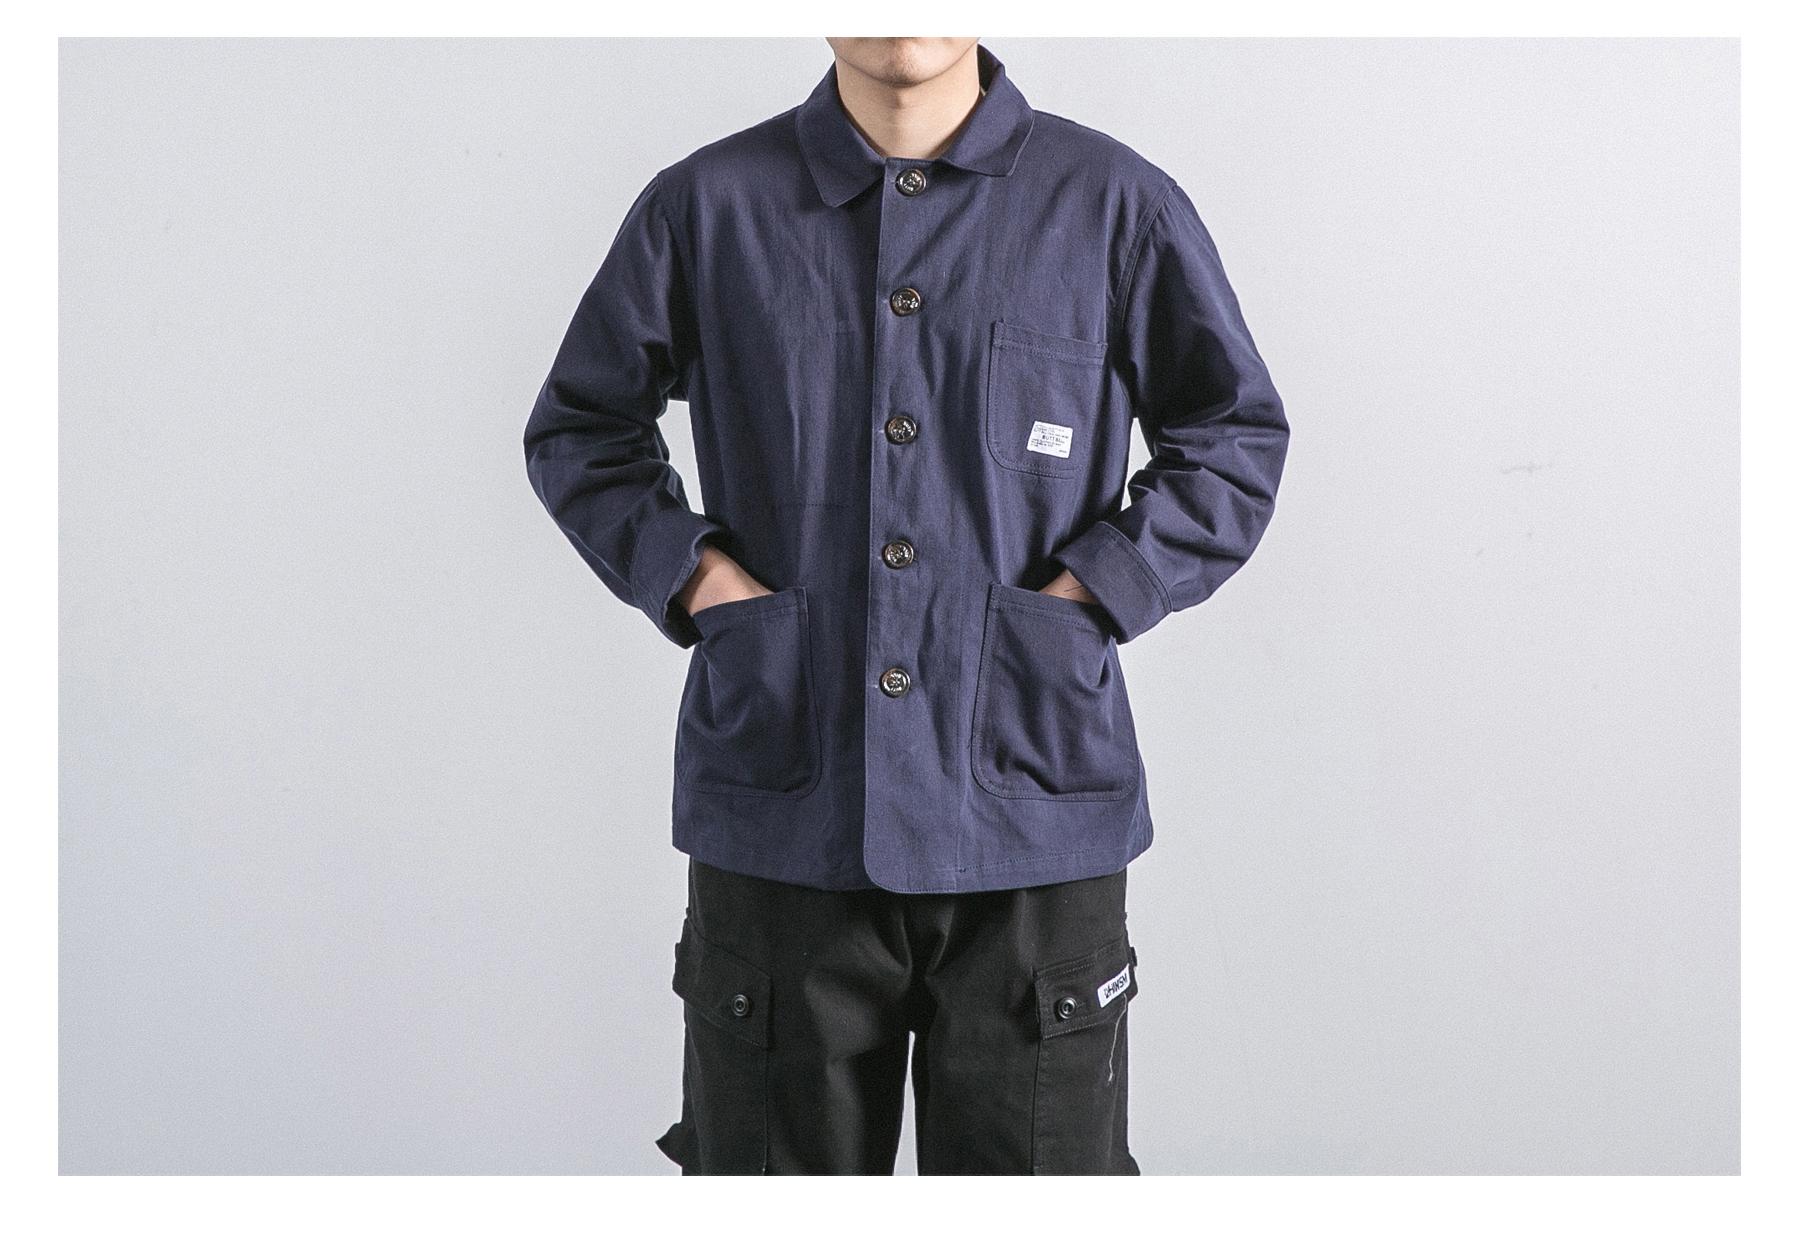 18SS American gió quân retro xu hướng ba túi dụng cụ áo khoác nam giới và phụ nữ lỏng lẻo đa túi áo khoác áo khoác